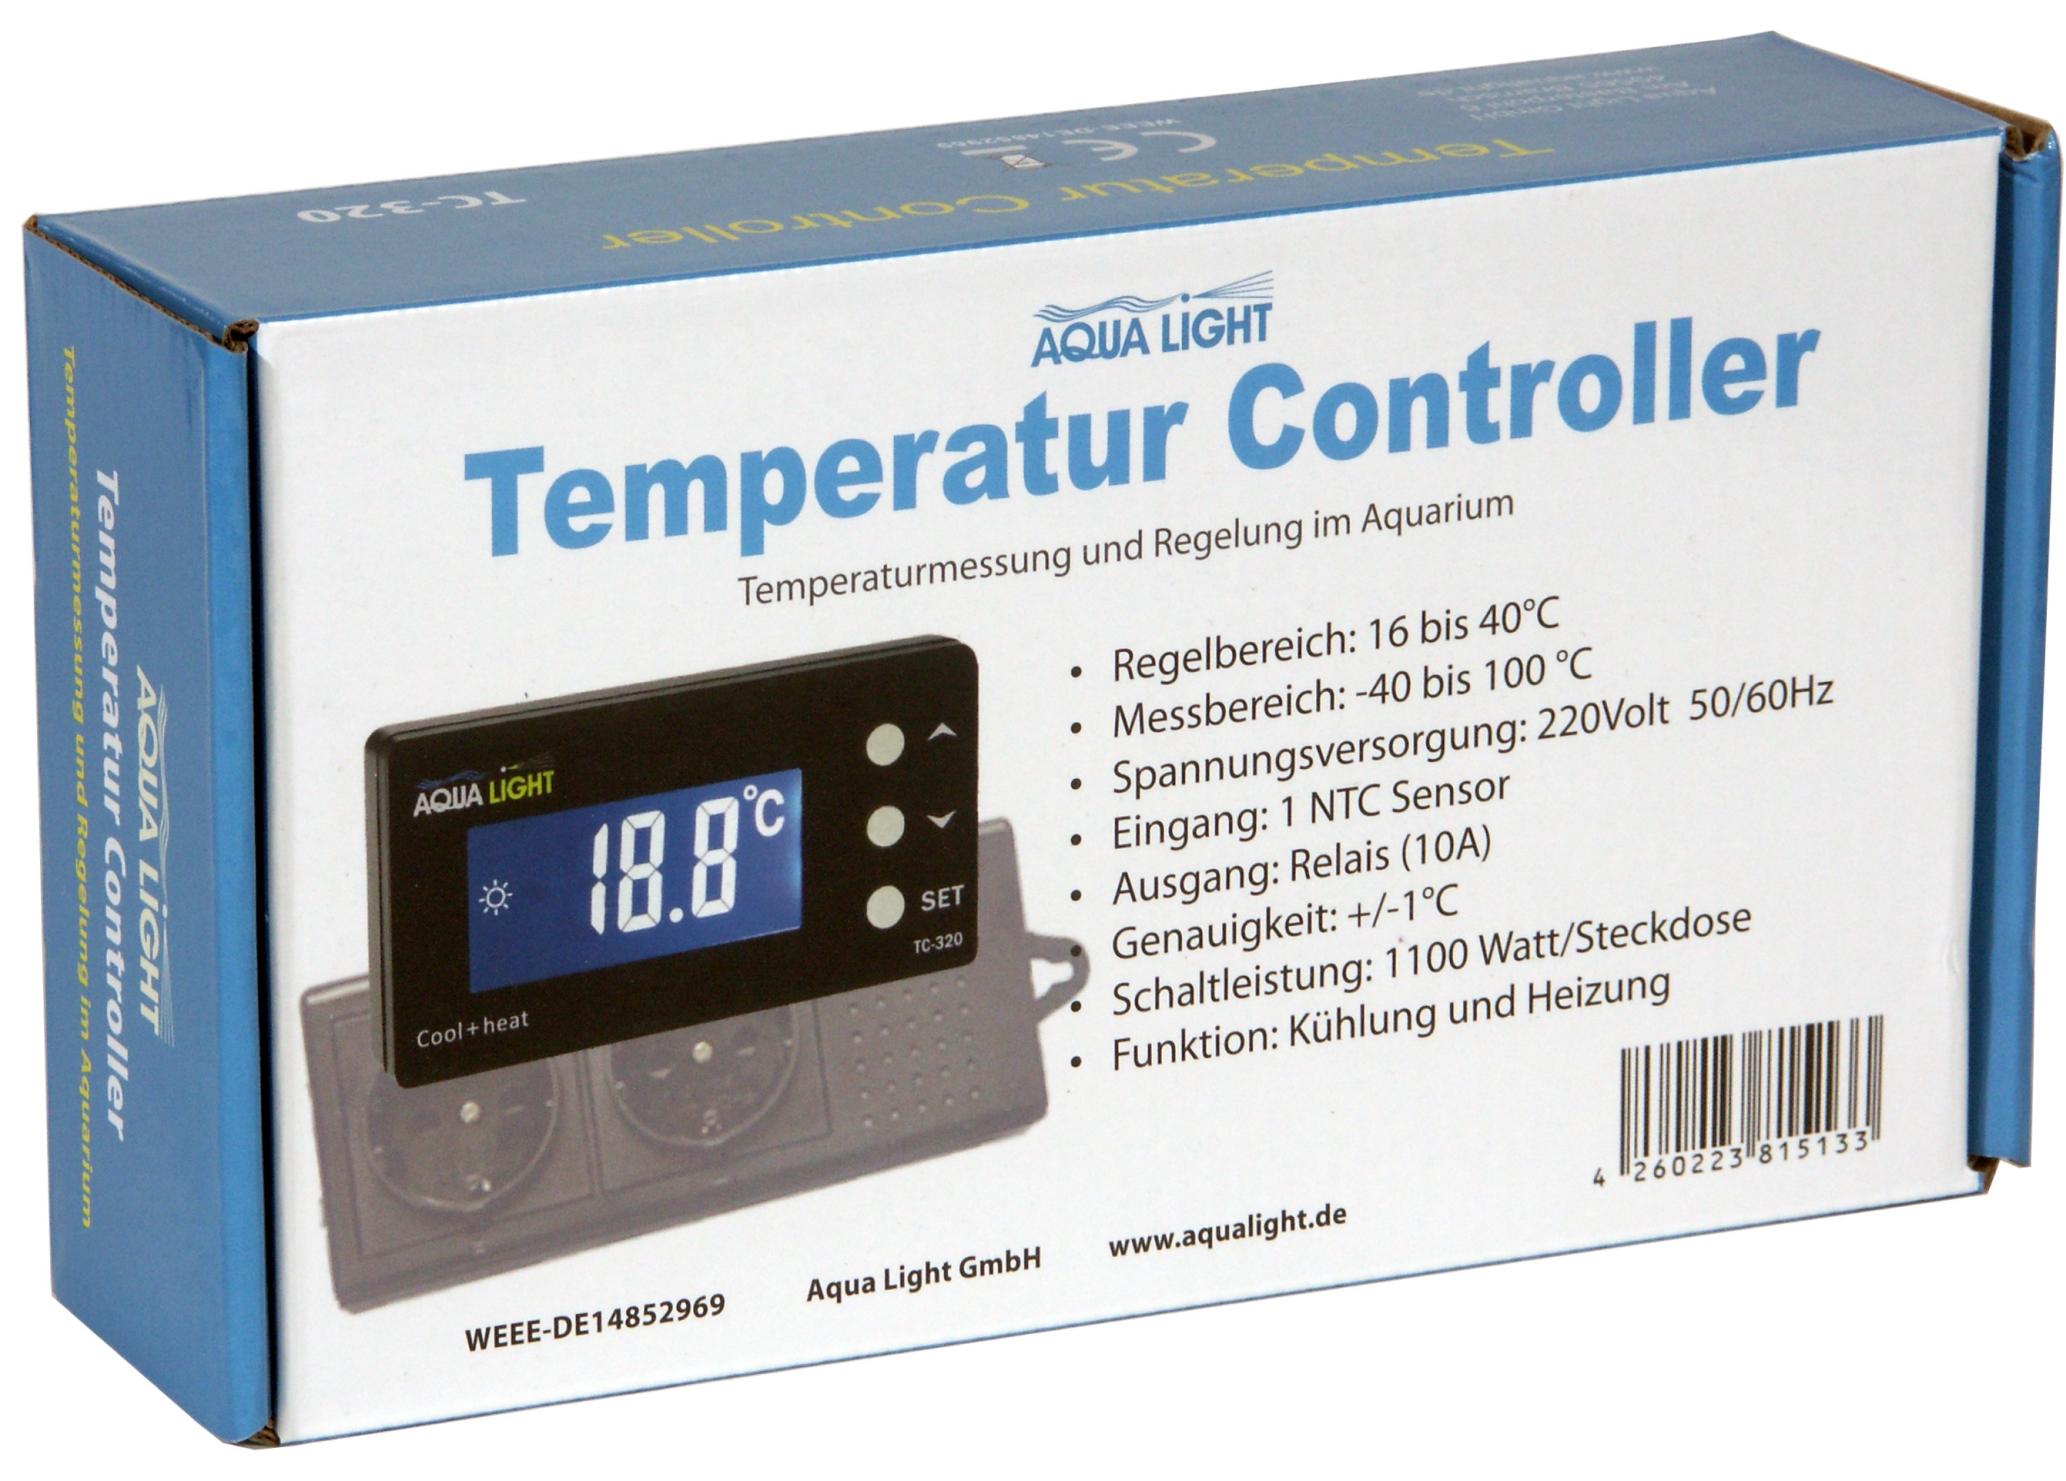 Aqua Light Temperature Controller TC-320